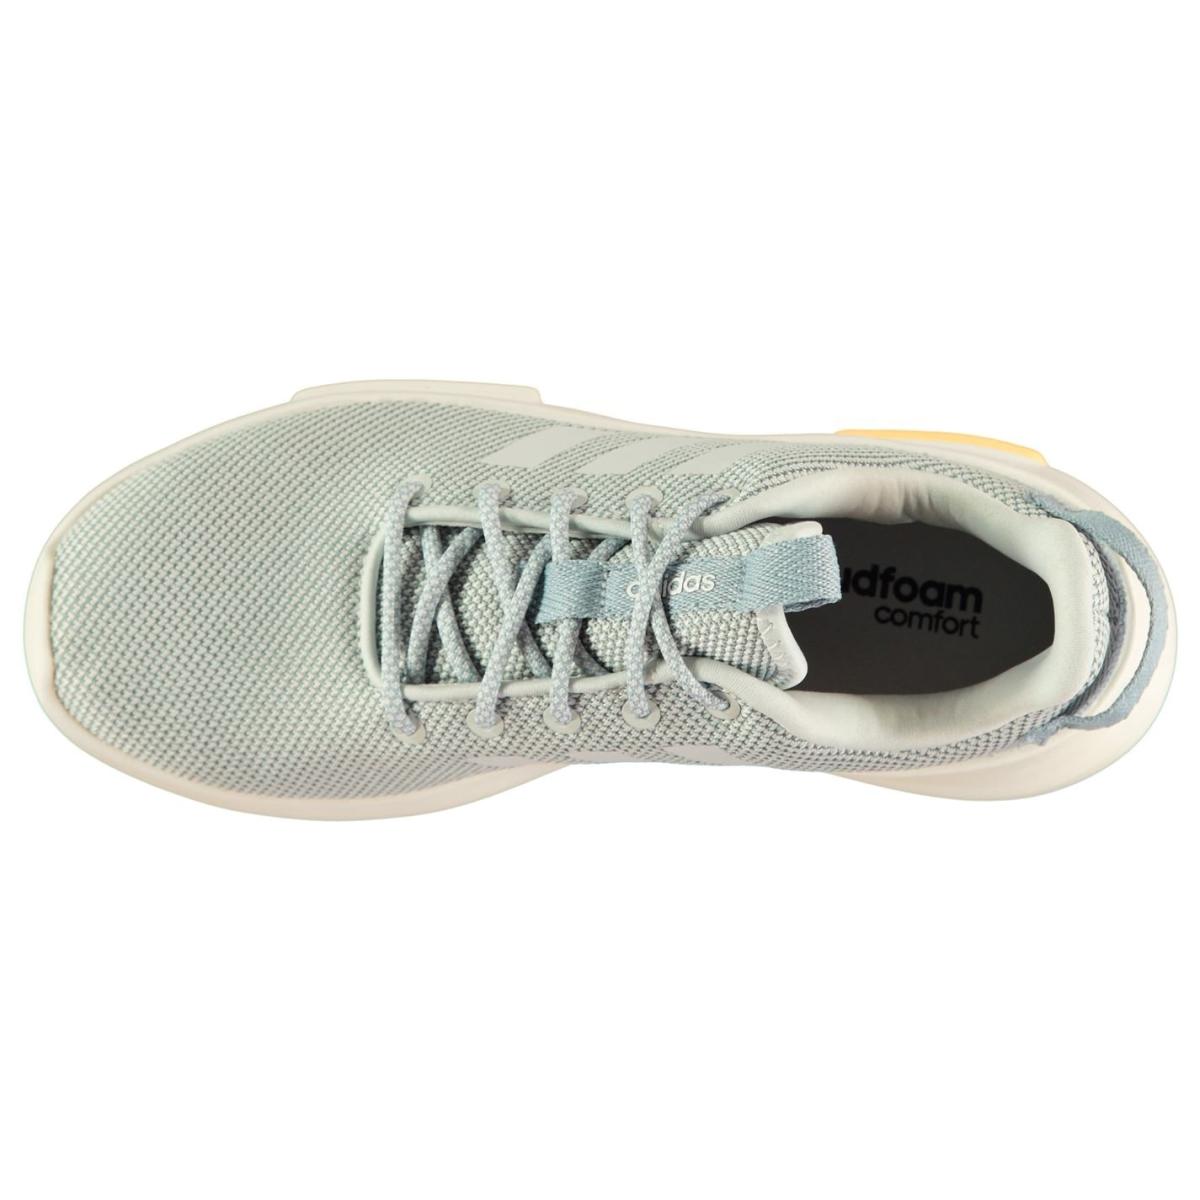 adidas-Cloudfoam-Racer-Turnschuhe-Damen-Sneaker-Sportschuhe-Laufschuhe-1622 Indexbild 7